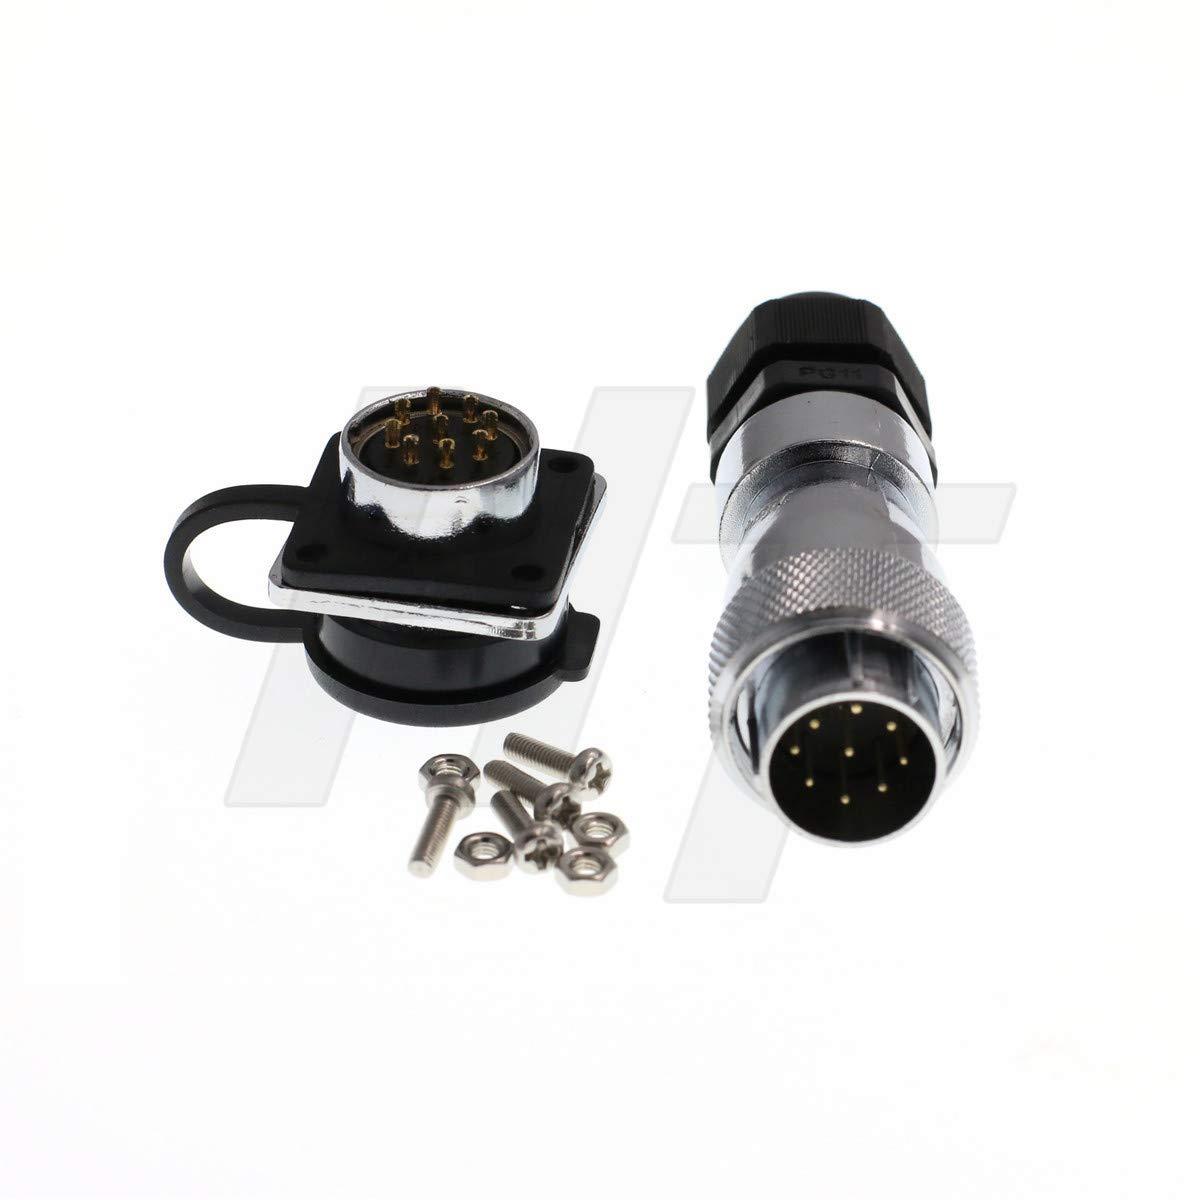 HangTon HF20 Circular Plug Panel Chassis Socket Metal Industrial Power Connector PG11 (9 pin 500V 5A)